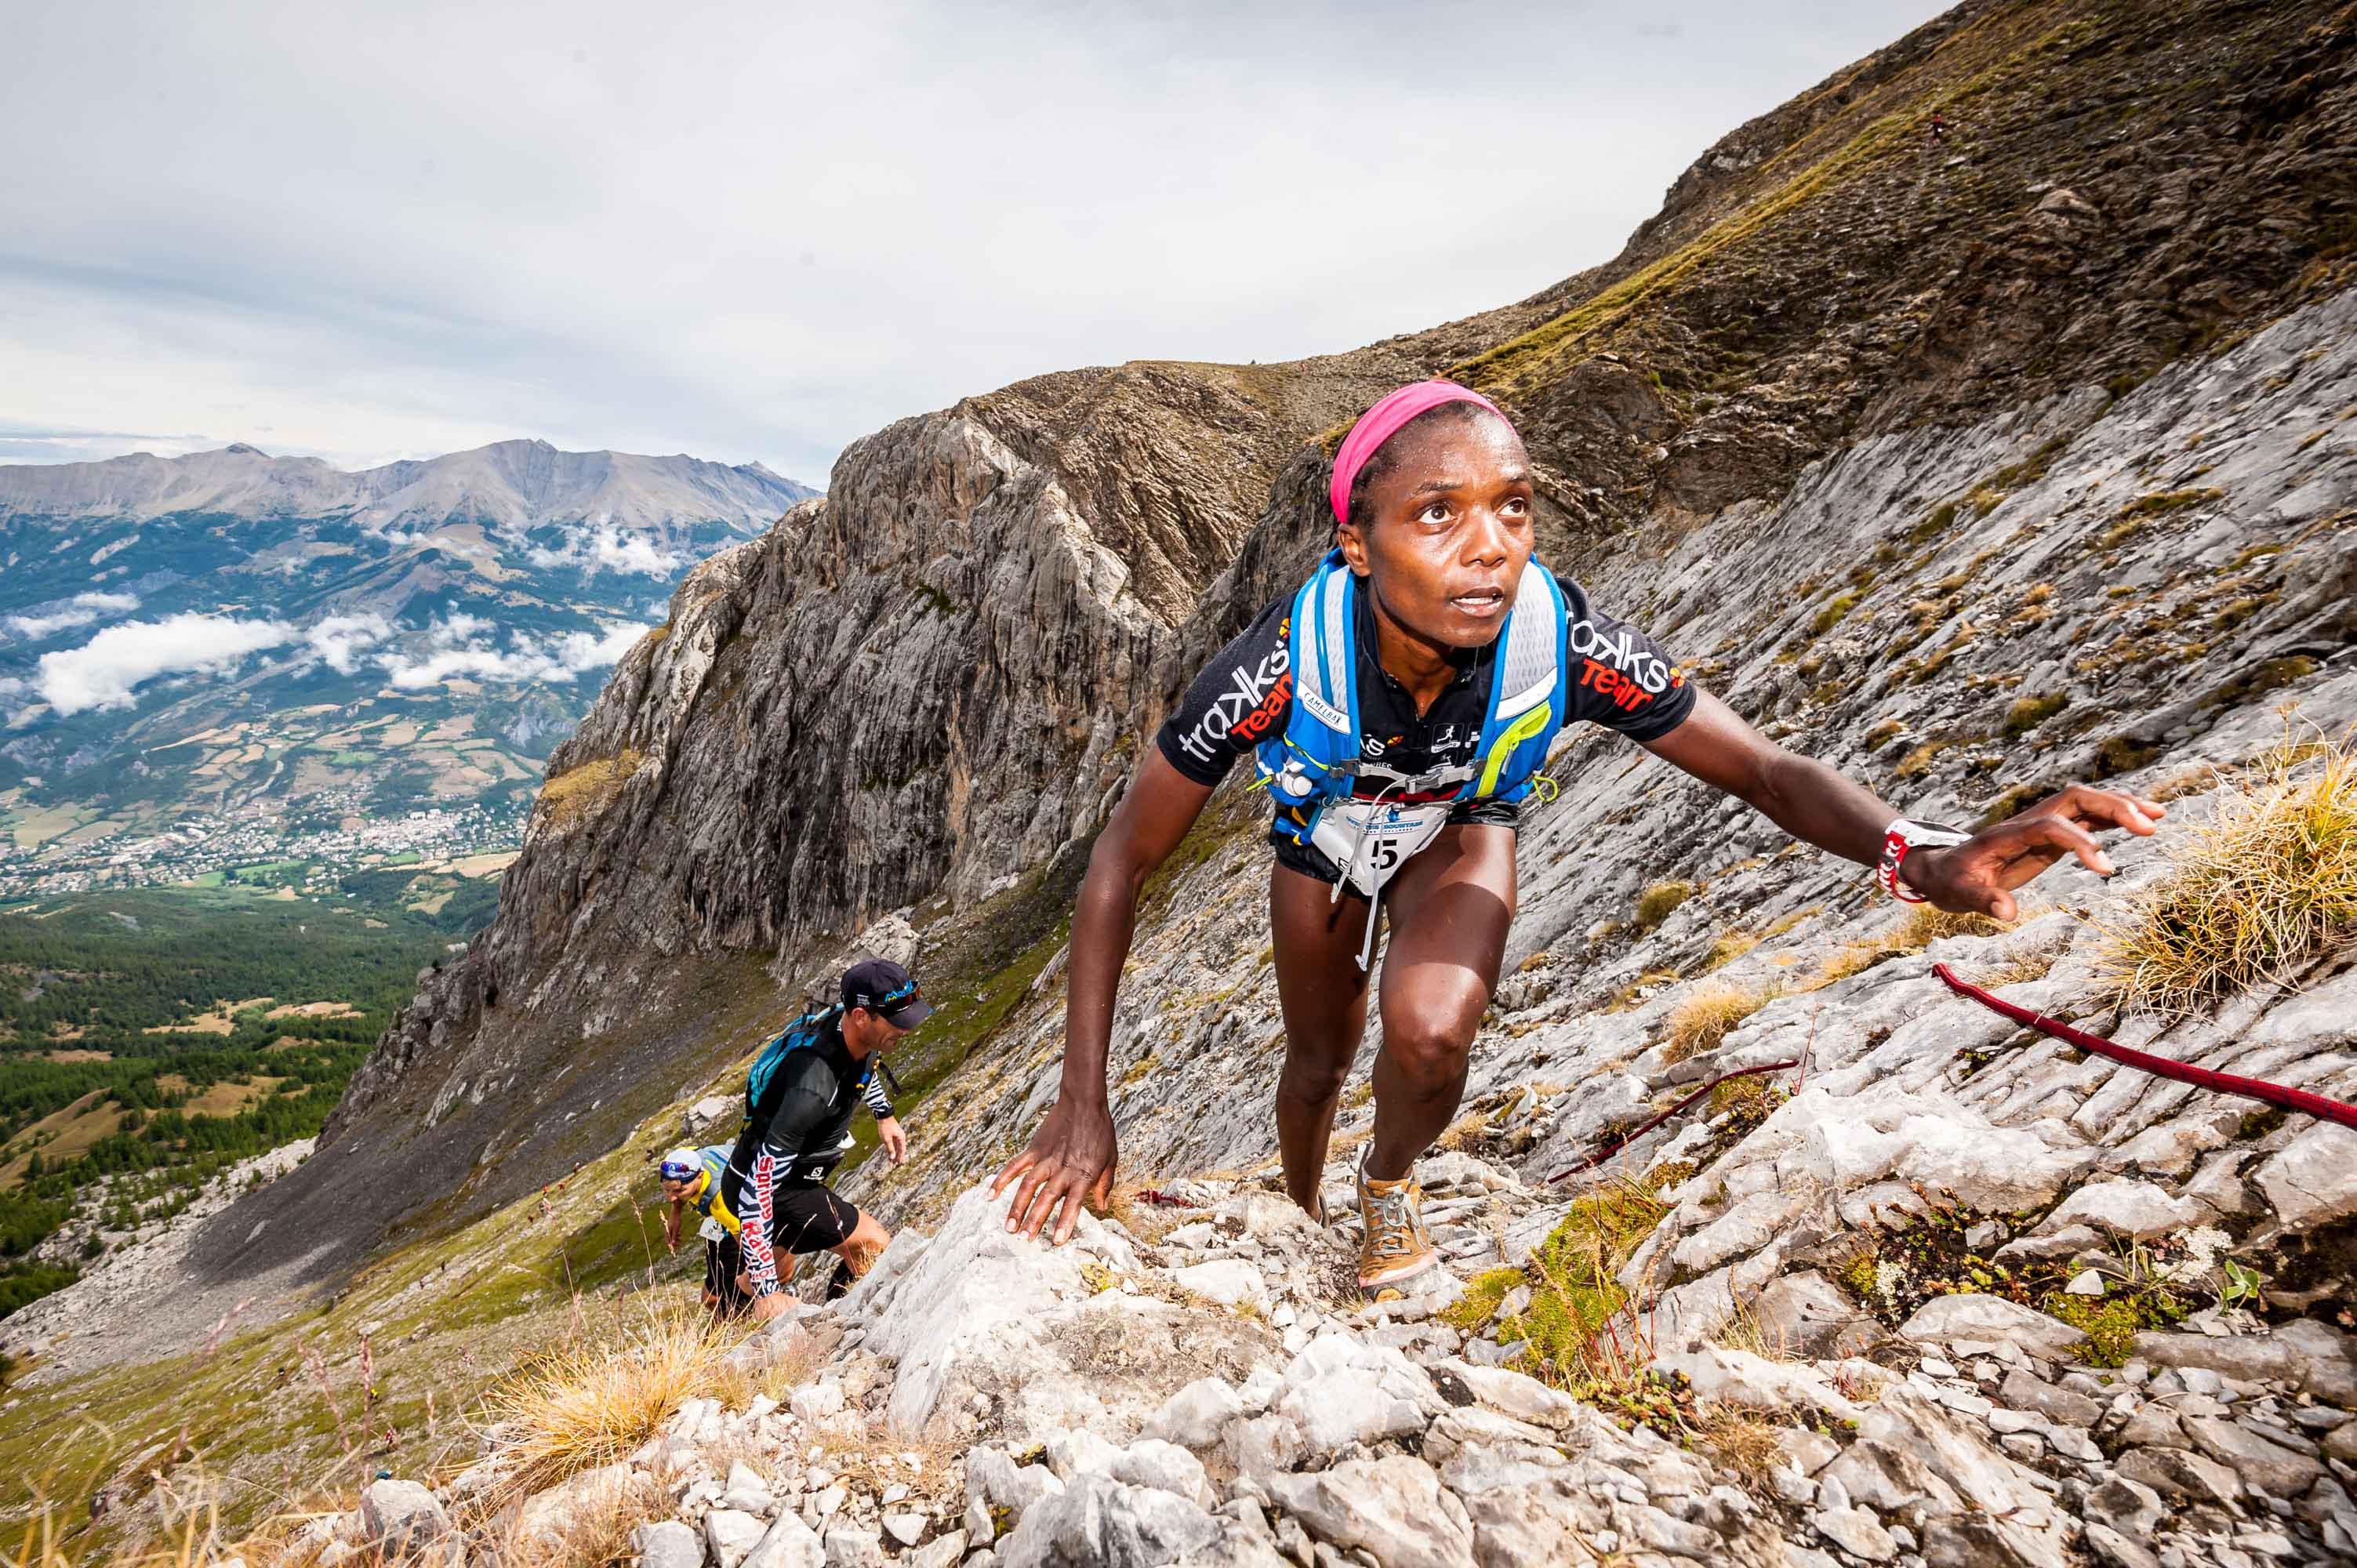 3 Juliet Champion 1ère Challenge Salomon photo Rémi Morel - Juliet Champion, Mathieu Martinez et Romain Wyndaele, vainqueurs du Salomon Over the Mountain Running Challenge 2017